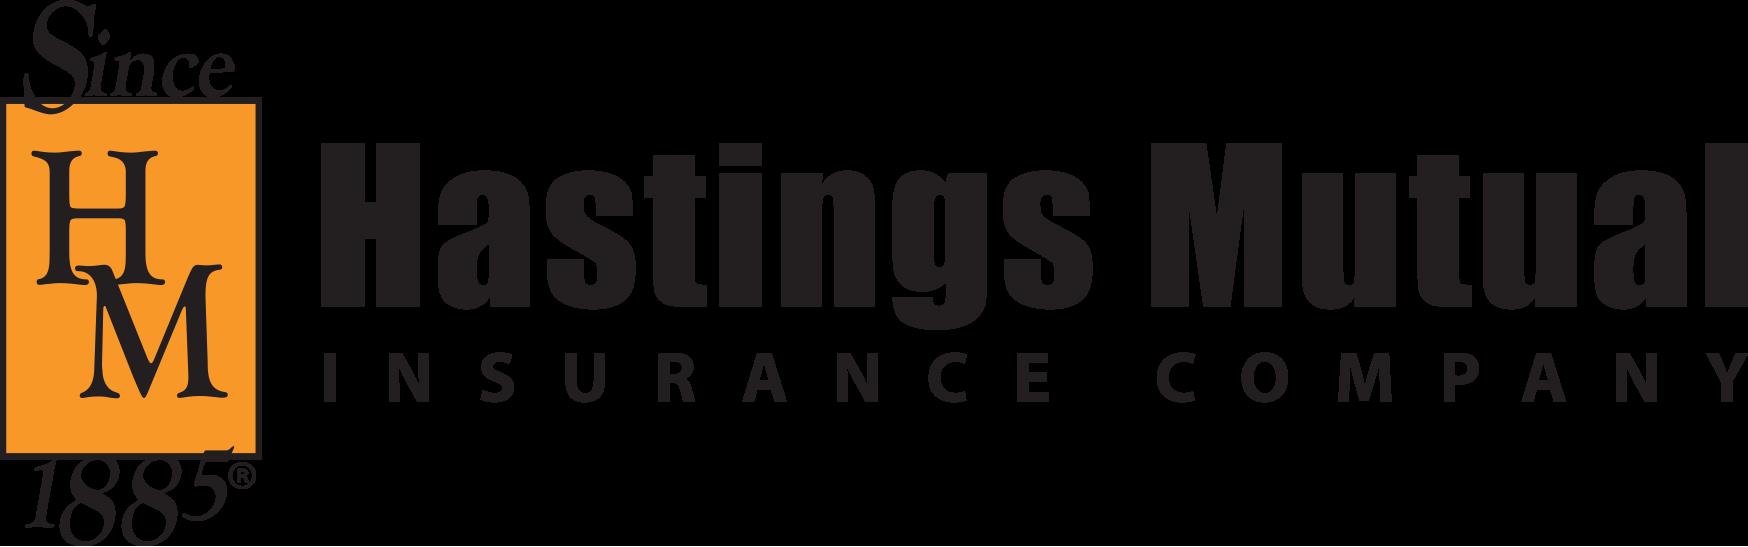 Hastings Mutual Logo